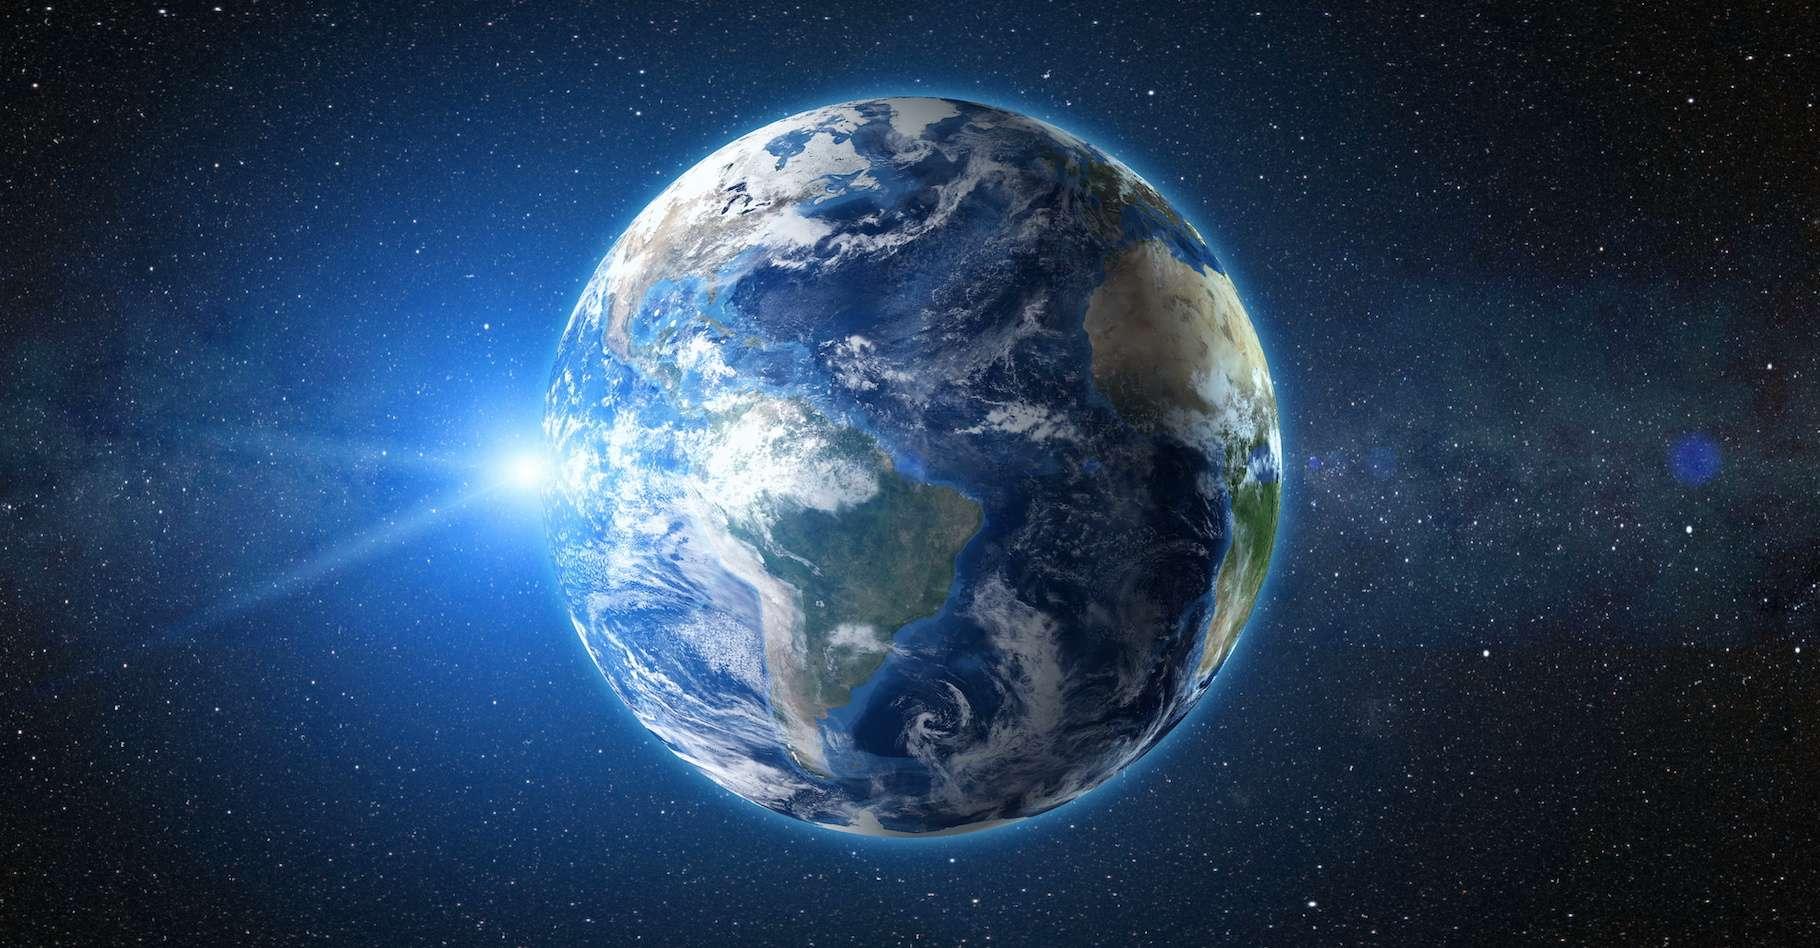 La Terre, planète bleue. Sans son eau, elle présenterait à un tout autre visage. © Goinyk, Adobe Stock